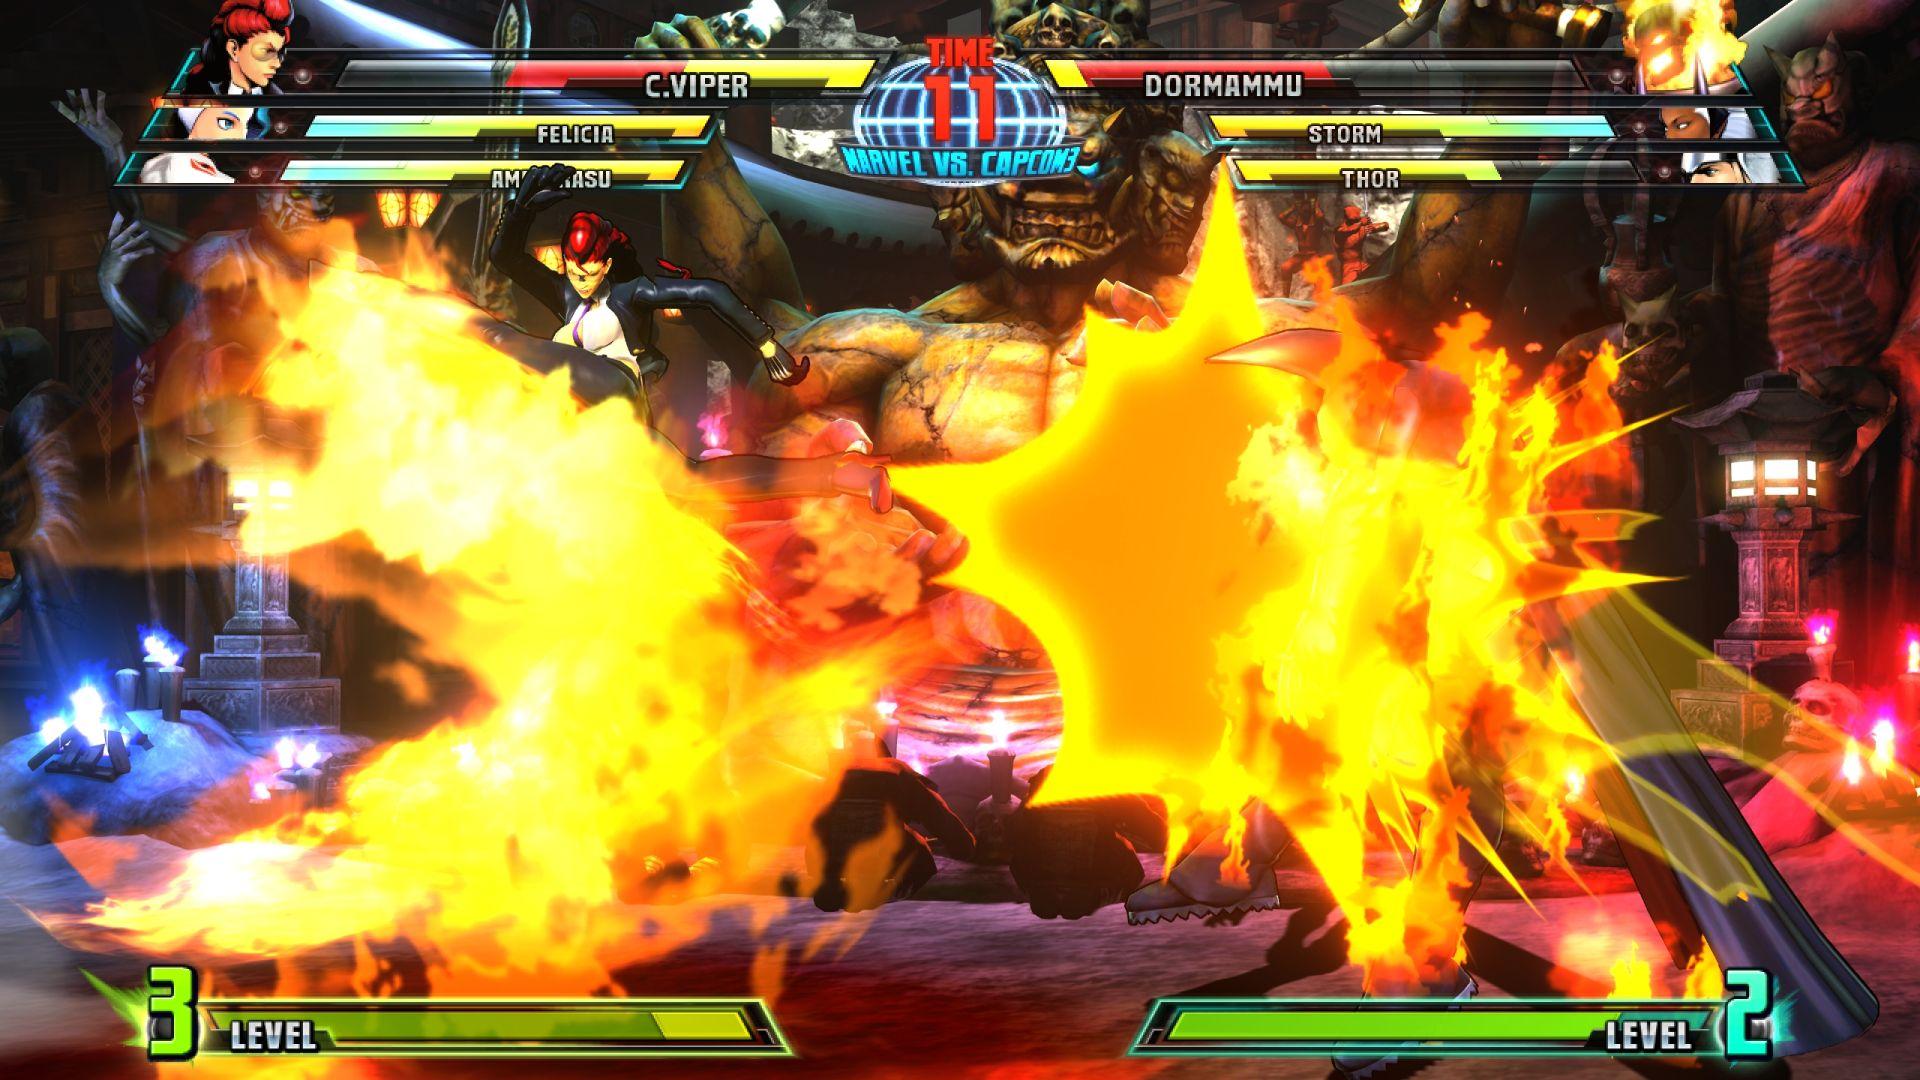 C. Viper a Storm v bojovce Marvel vs. Capcom 3 26842